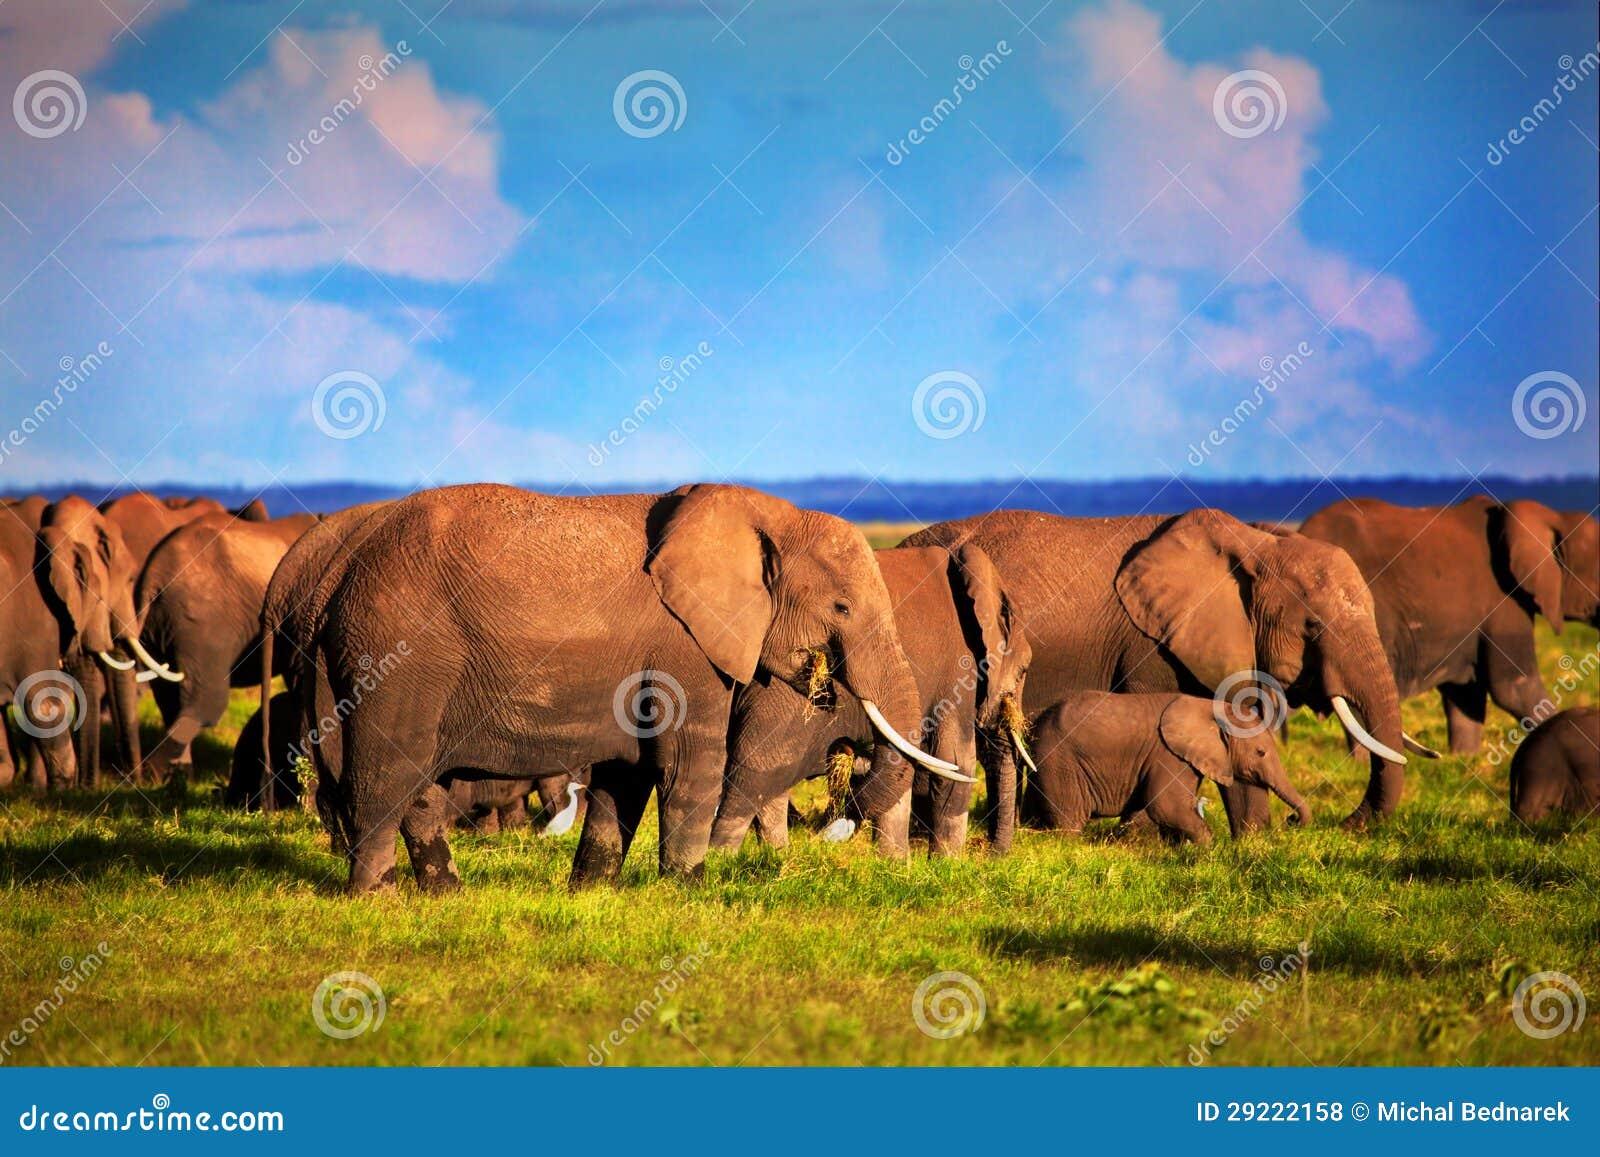 Табун слонов на саванне. Сафари в Amboseli, Кении, Африке